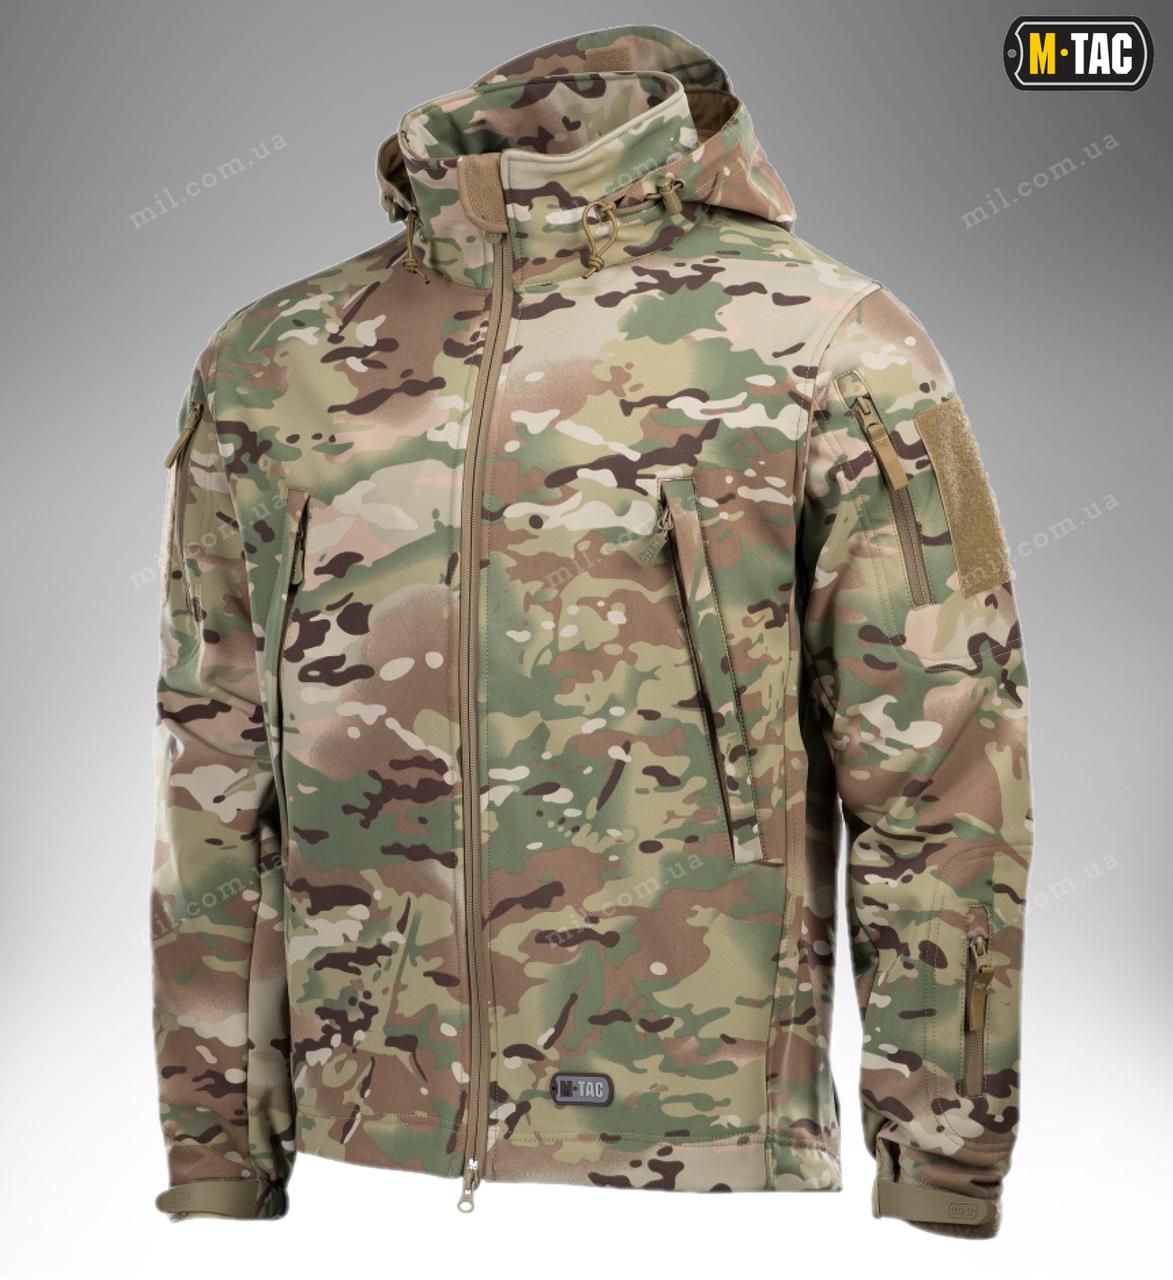 Демисезонная тактическая куртка M-TAC Soft Shell (Multicam)